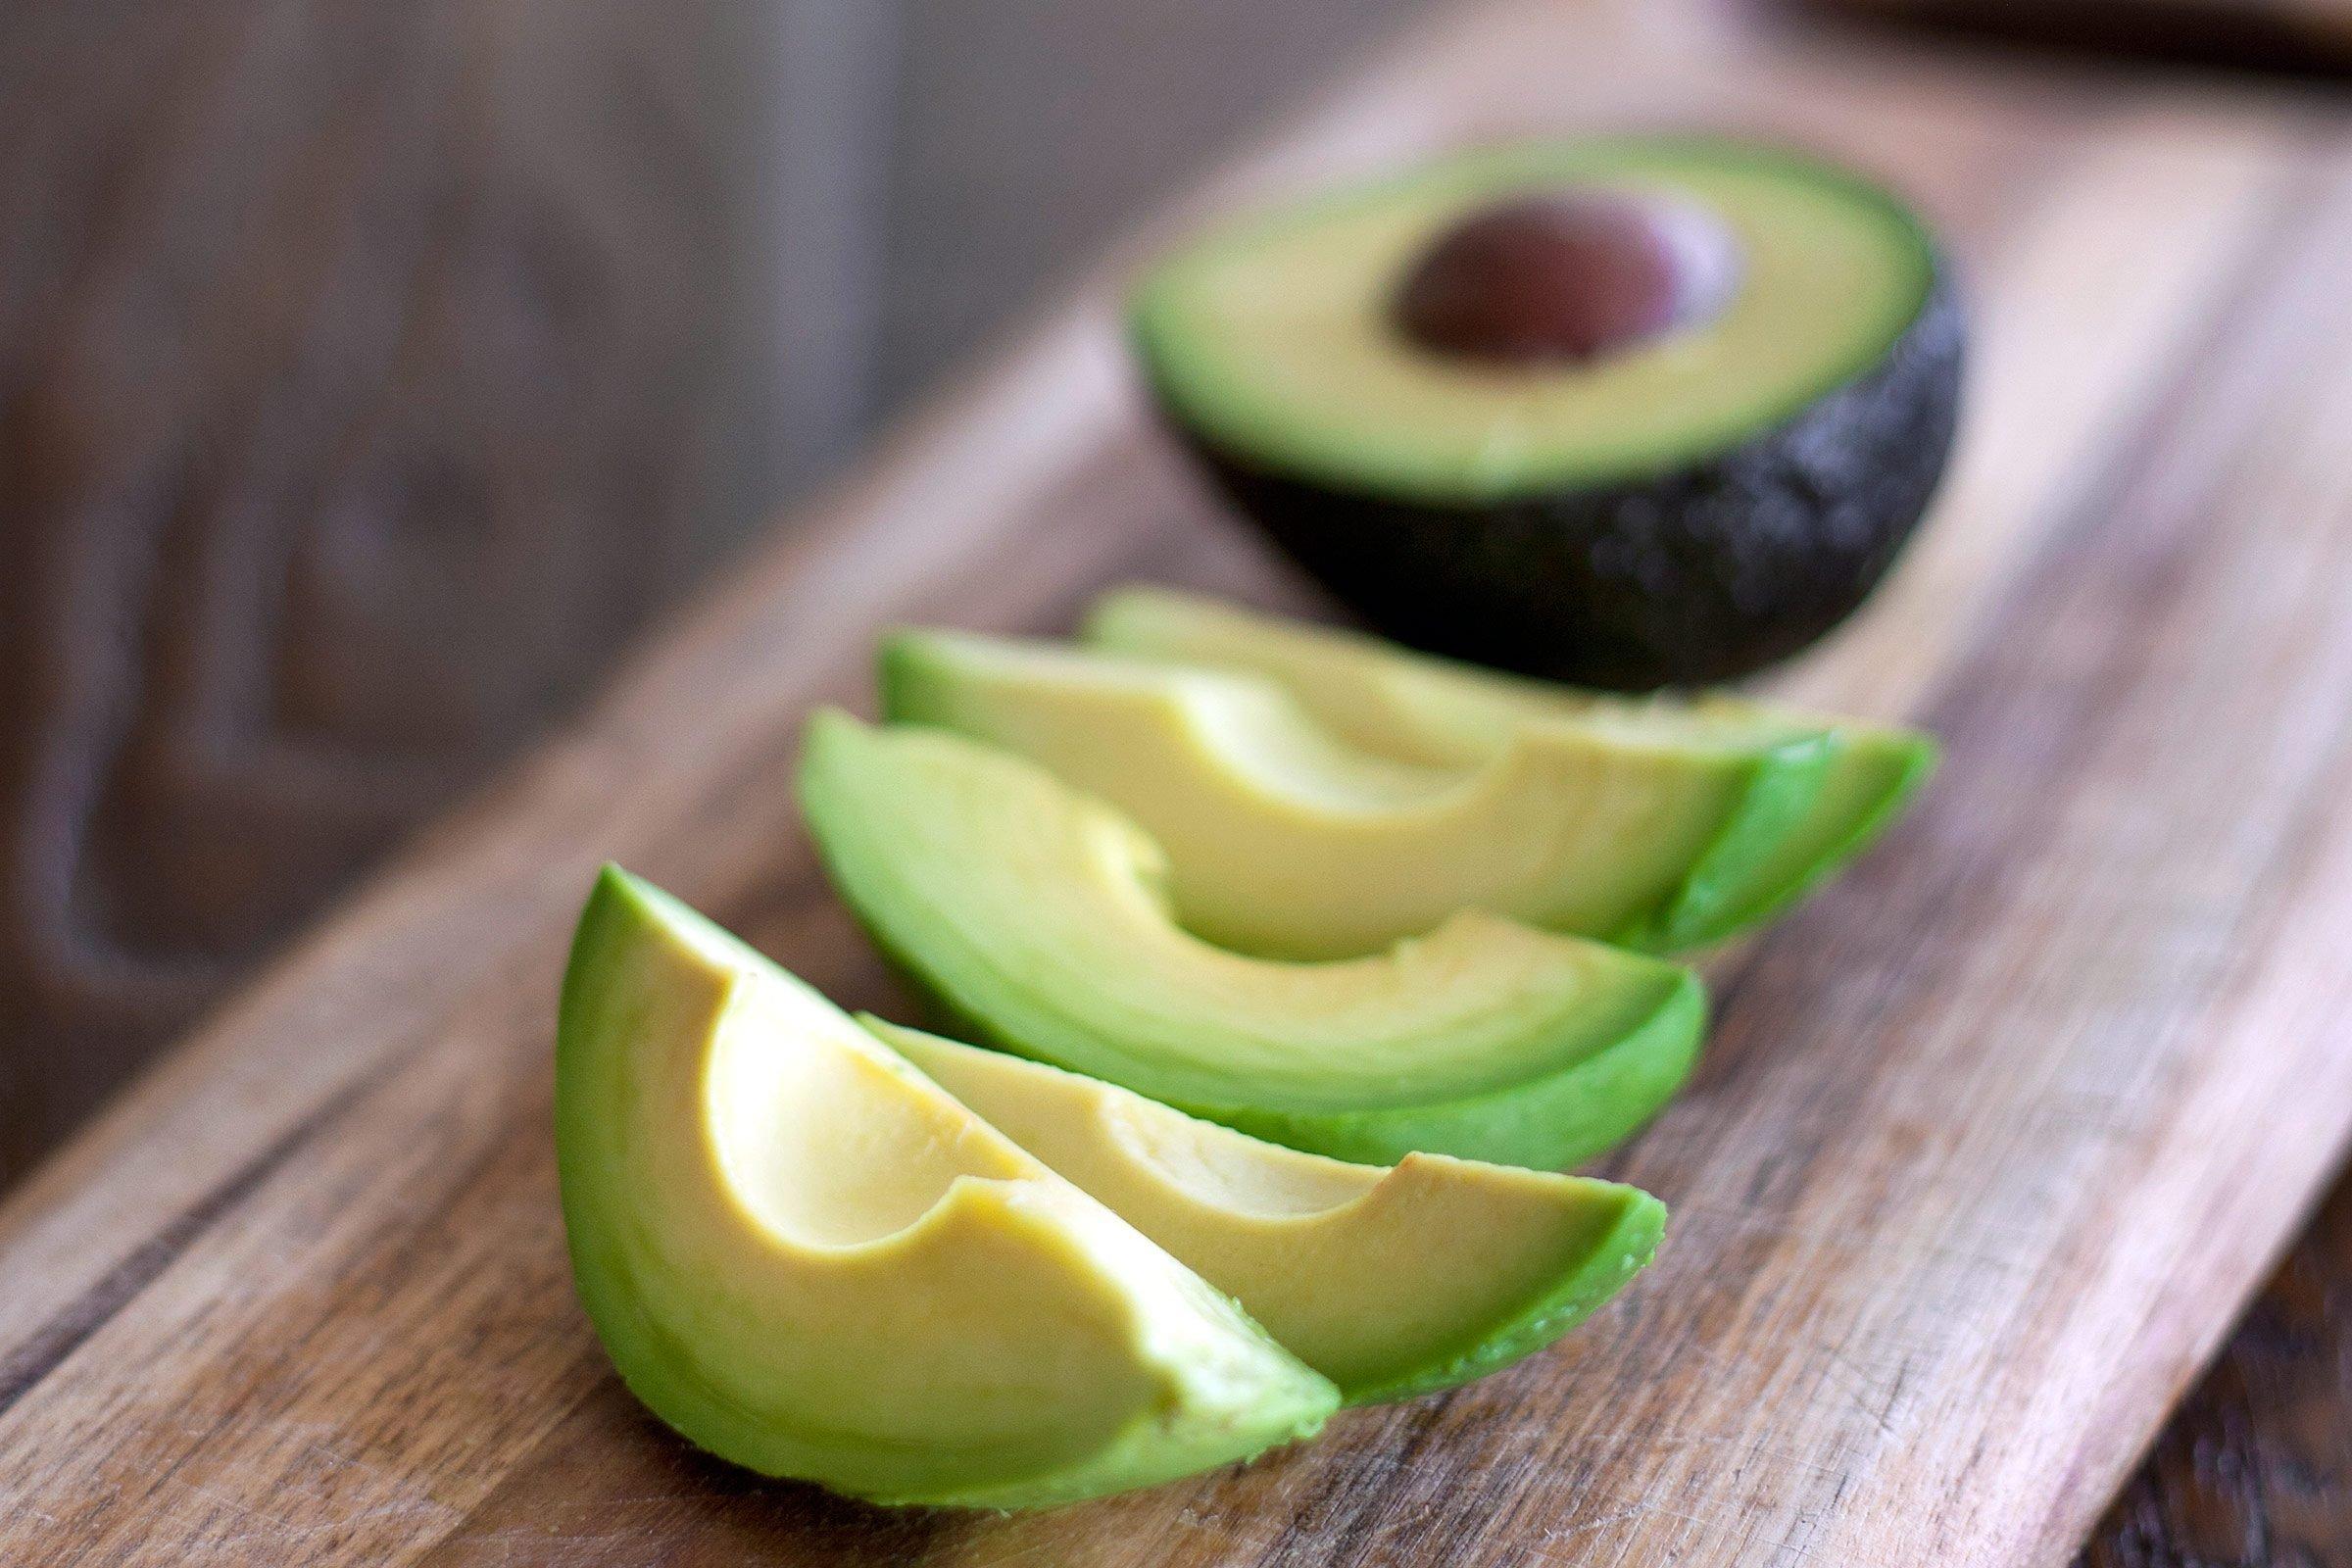 Are Avocados A High Fiber Food